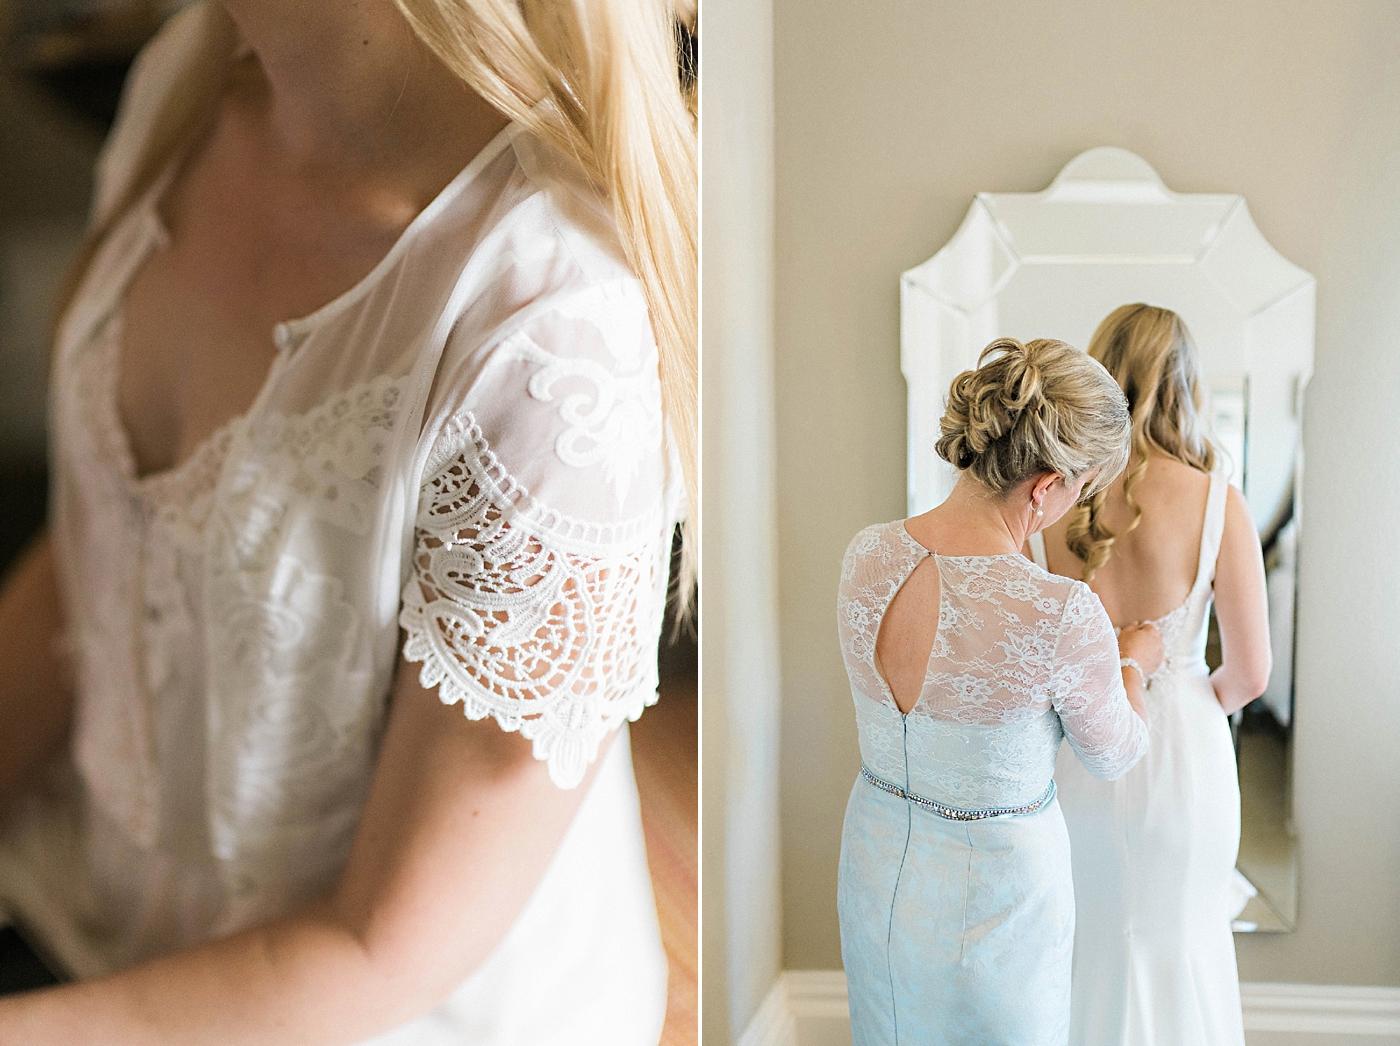 Halifax-Wedding-Photographer-New Brunswick Wedding- Nicolle & Ethan08.jpeg